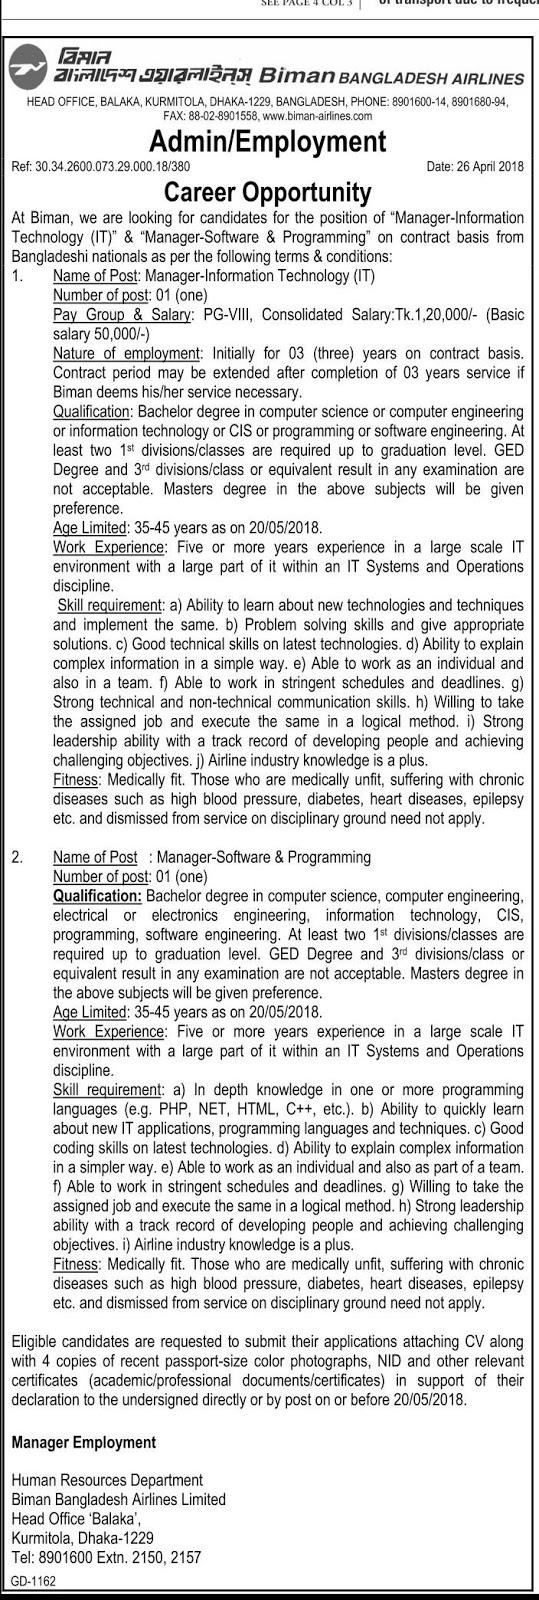 Biman Bangladesh Airlines Limited (BBAL) Admin Job Circular 2018